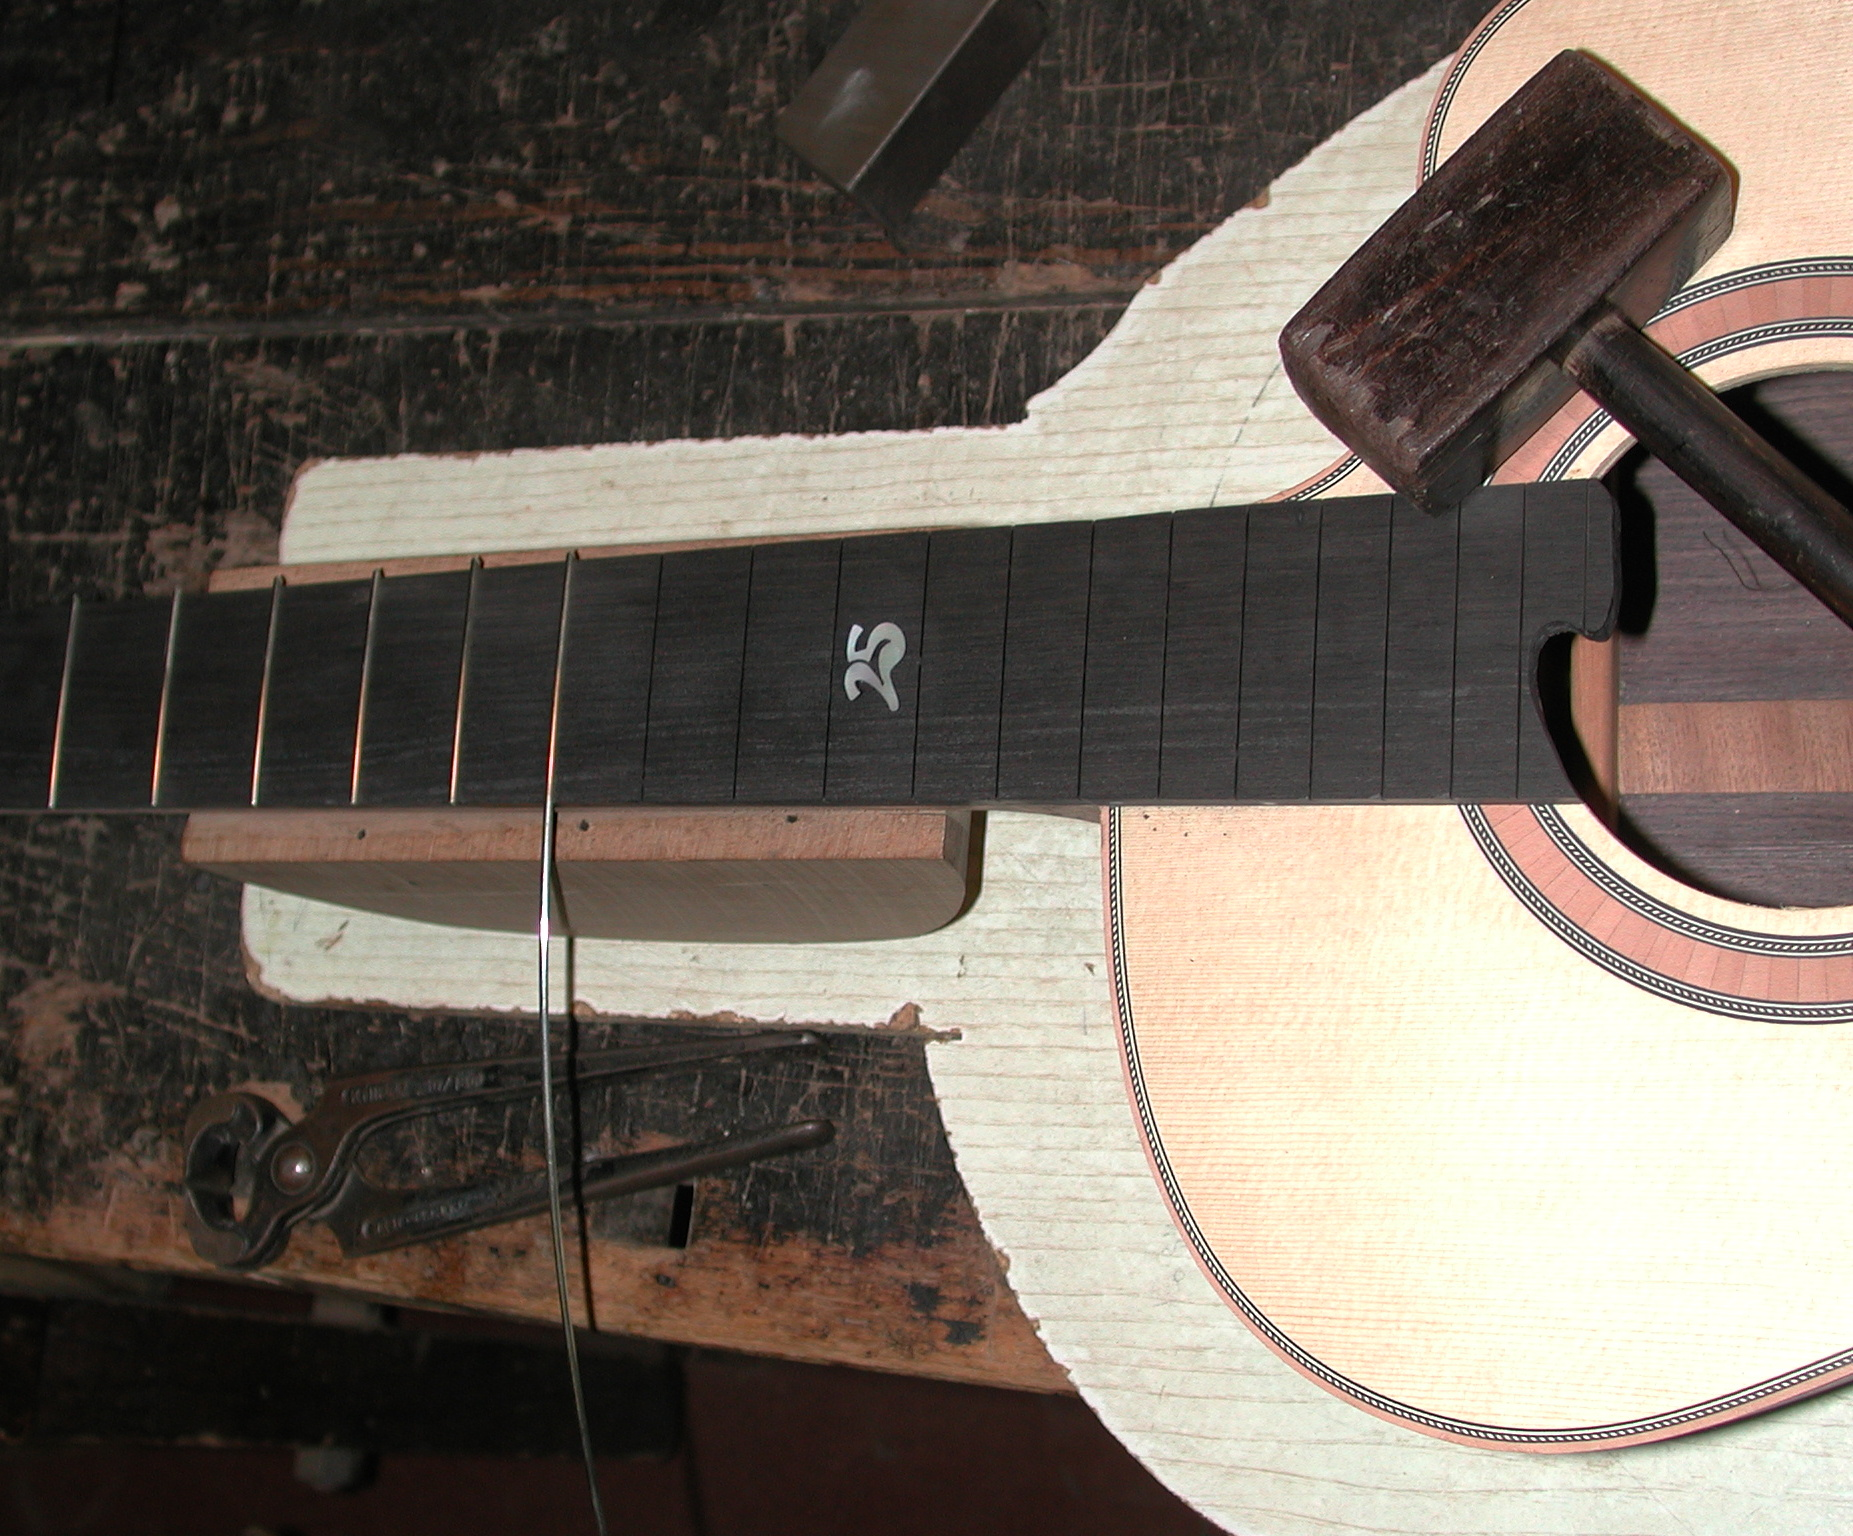 Gitarrenbau Christian Stoll: Hals - Griffbrett Bundieren. Mit dem Holzhammer wird der Bunddraht in die Schlitze geschlagen, eine spezielle Bunddrahtzange bringt die Bünde auf Länge.